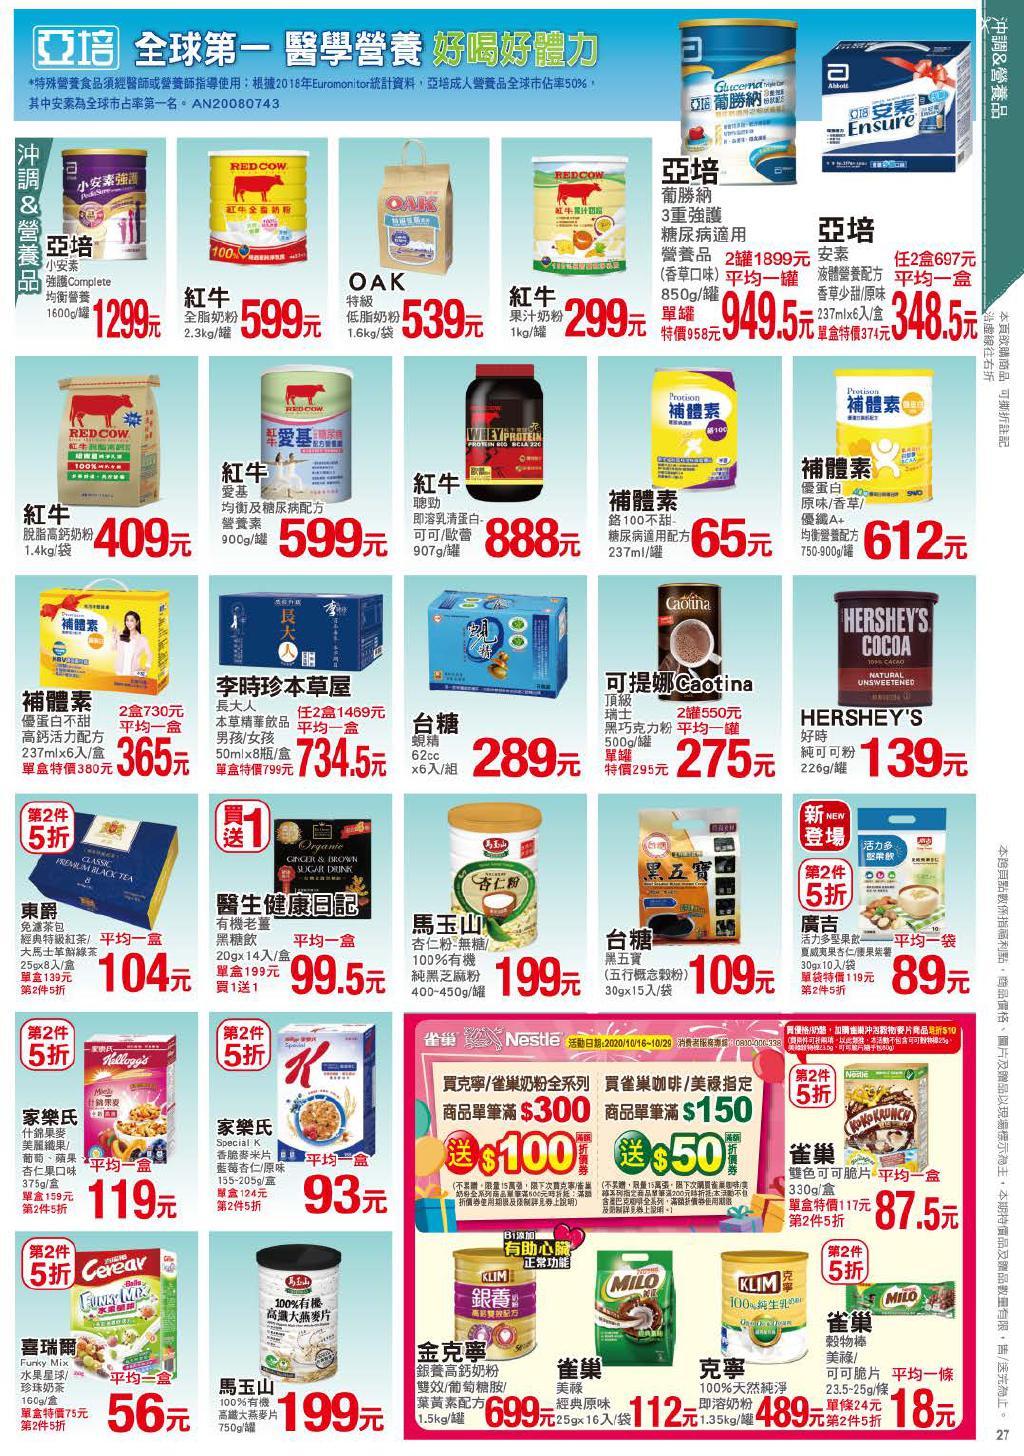 pxmart20201029_000027.jpg